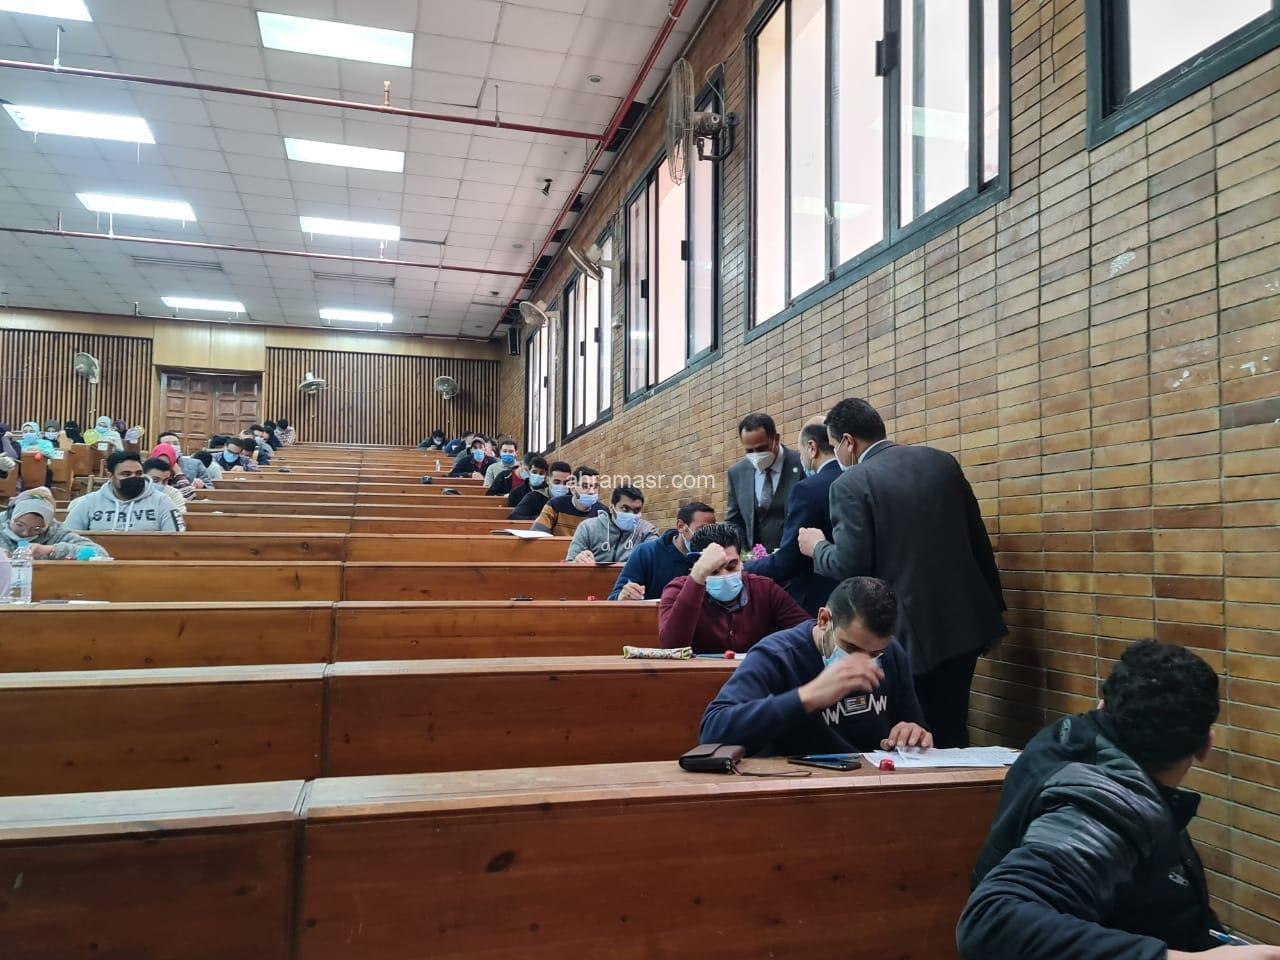 وسط إجراءات إحترازية مشددة بدء إمتحانات نصف العام بجامعة دمنهور